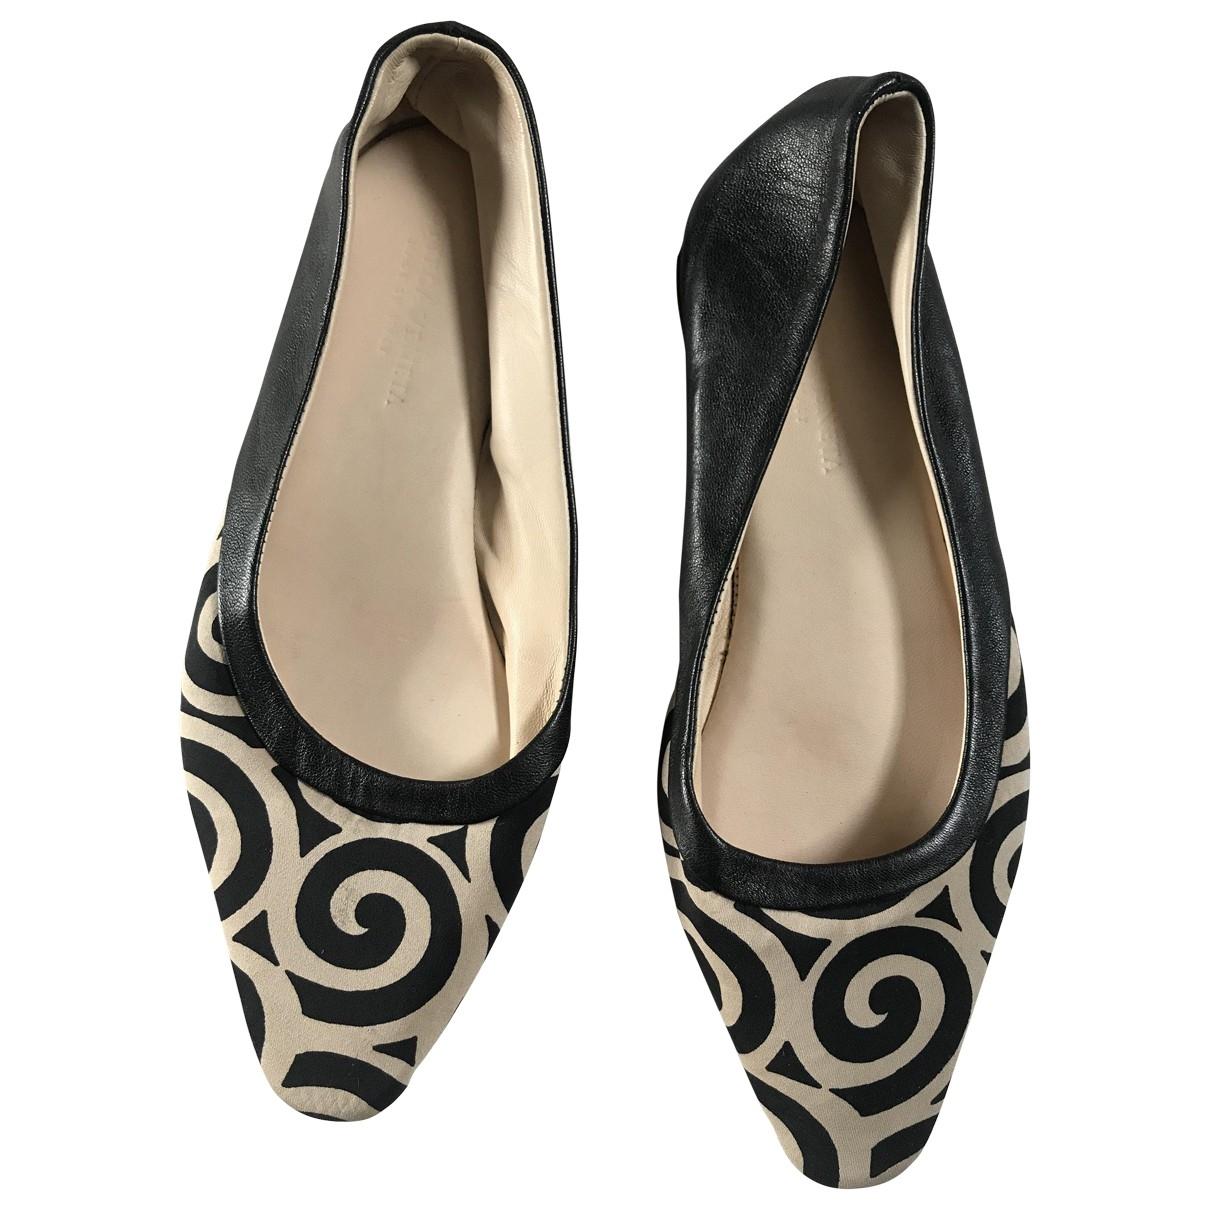 Bottega Veneta \N Black Leather Ballet flats for Women 37 IT